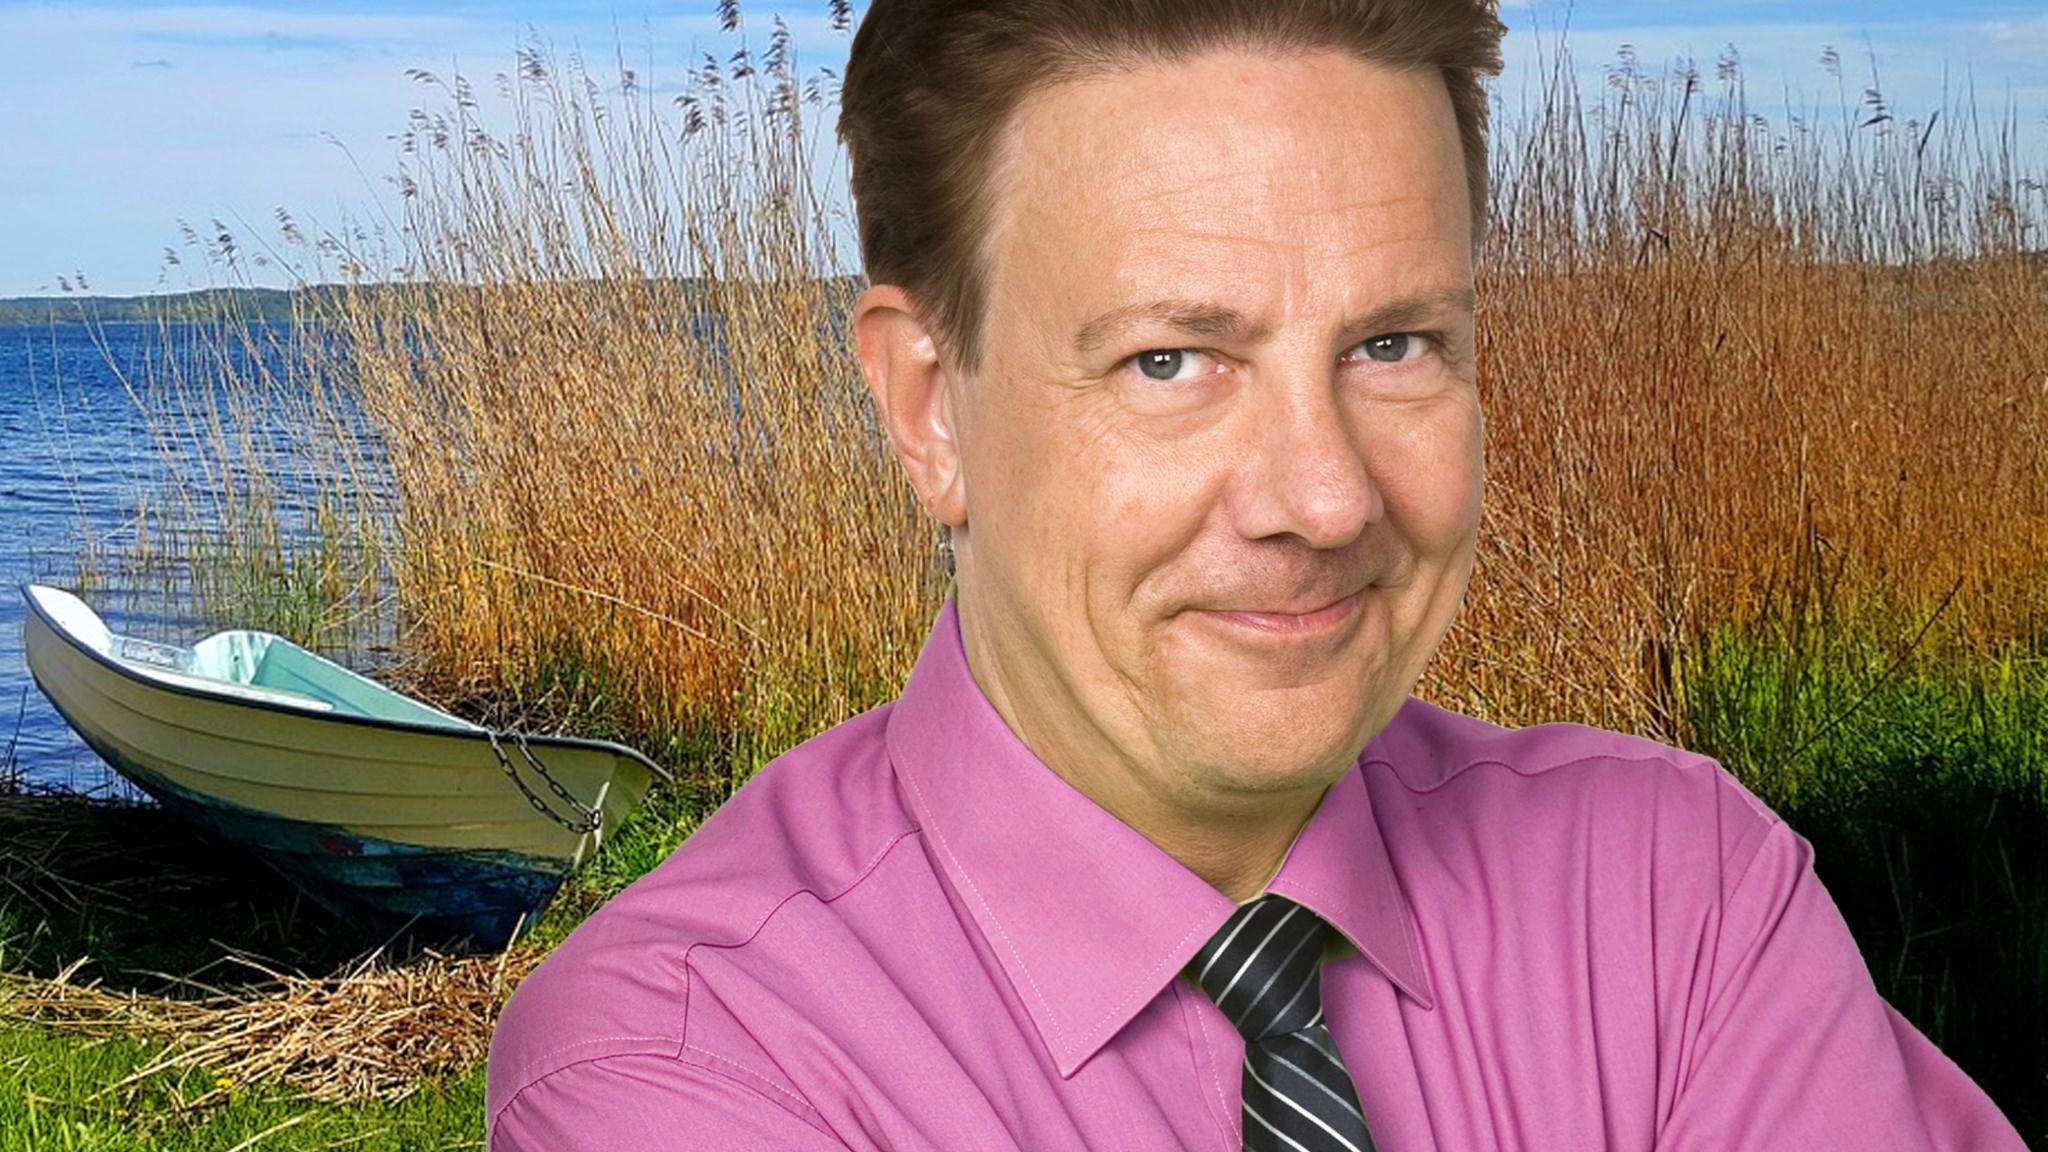 Anders Eldeman i förgrunden i bakgrunden en eka vid en strandkant i vassen.